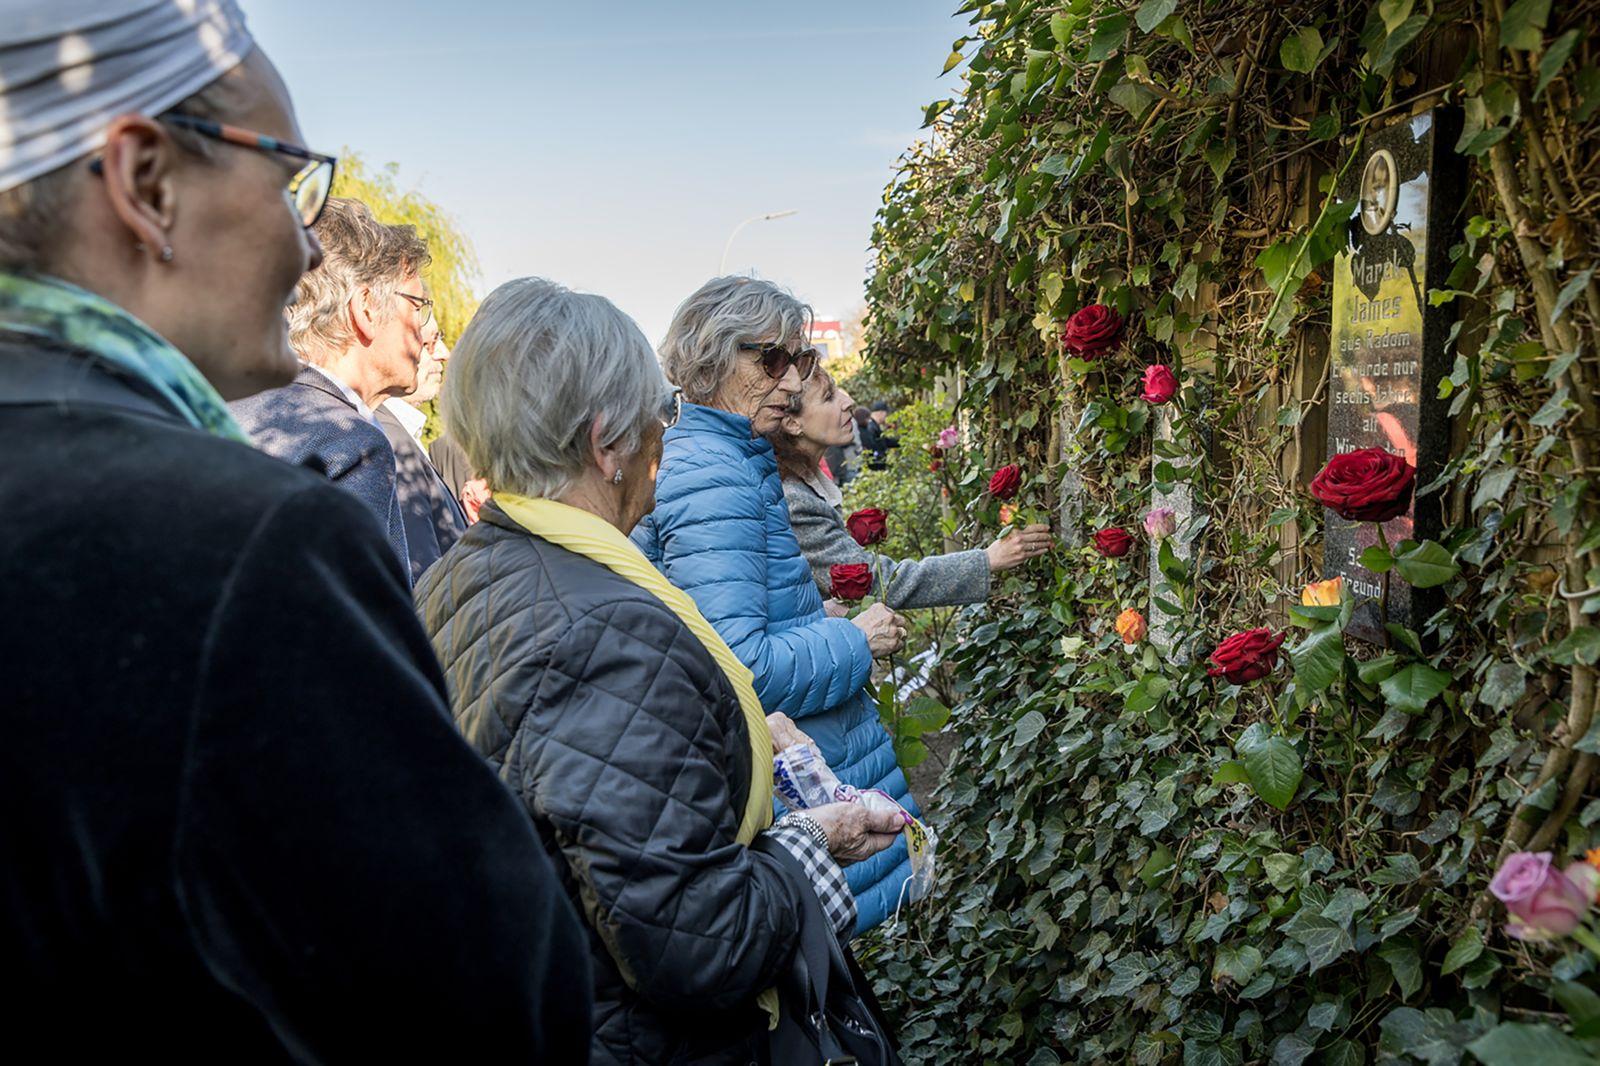 Gedenkveranstaltung am Bullenhuser Damm, 20.04.2019.